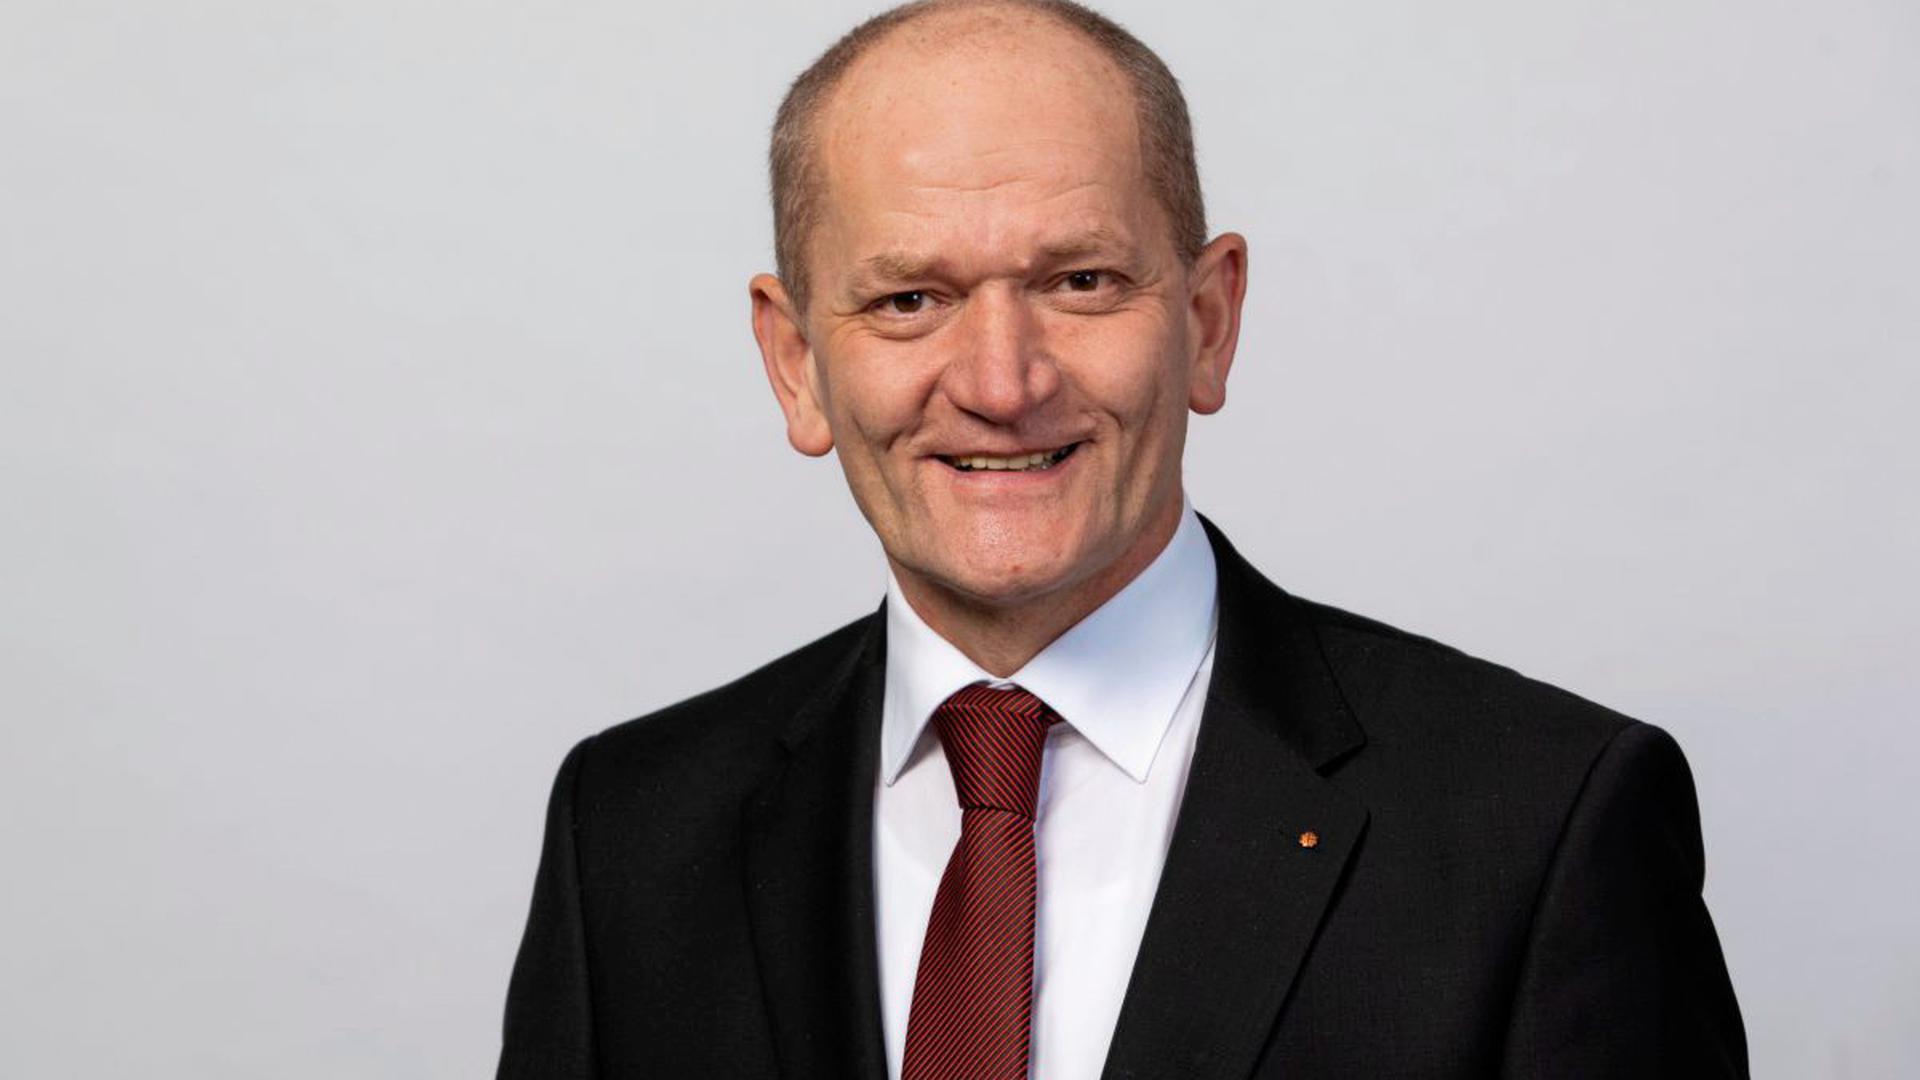 Dr. med. Wolfgang Miller ist Präsident der Landesärztekammer Baden-Württemberg und verweist im Fall des umstrittenen Posts eines Karlsruher Arztes auf Meinungs- und Wissenschaftsfreiheit.